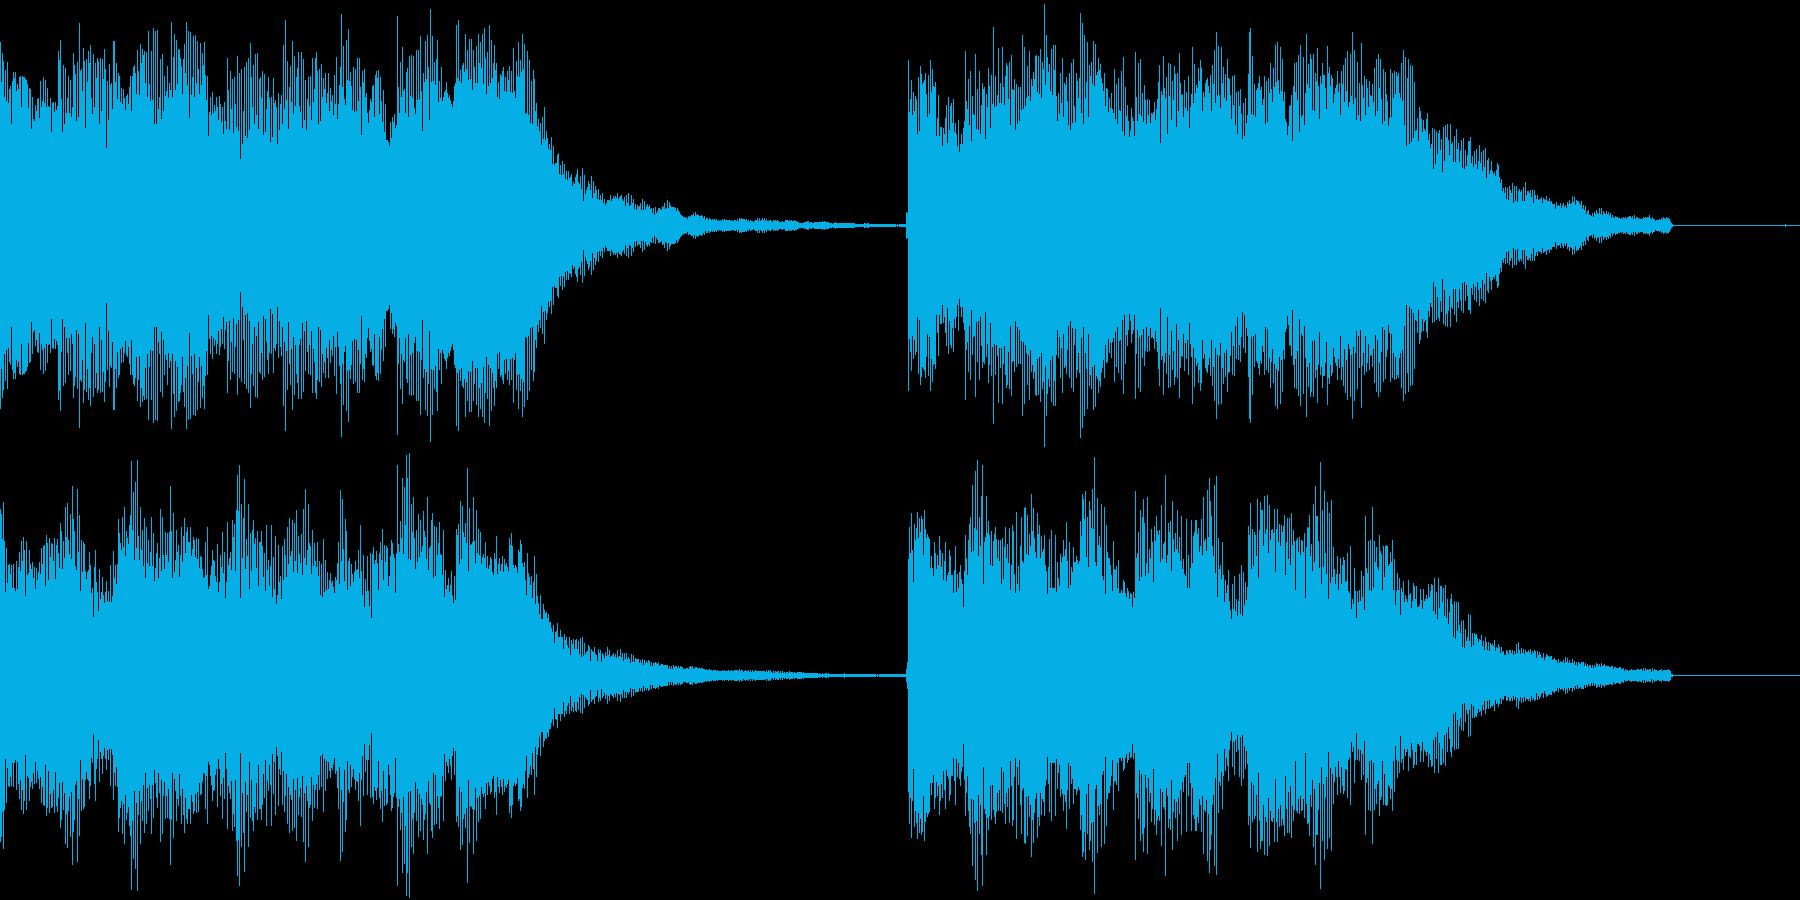 ベル アラーム お知らせ ループ 案内3の再生済みの波形